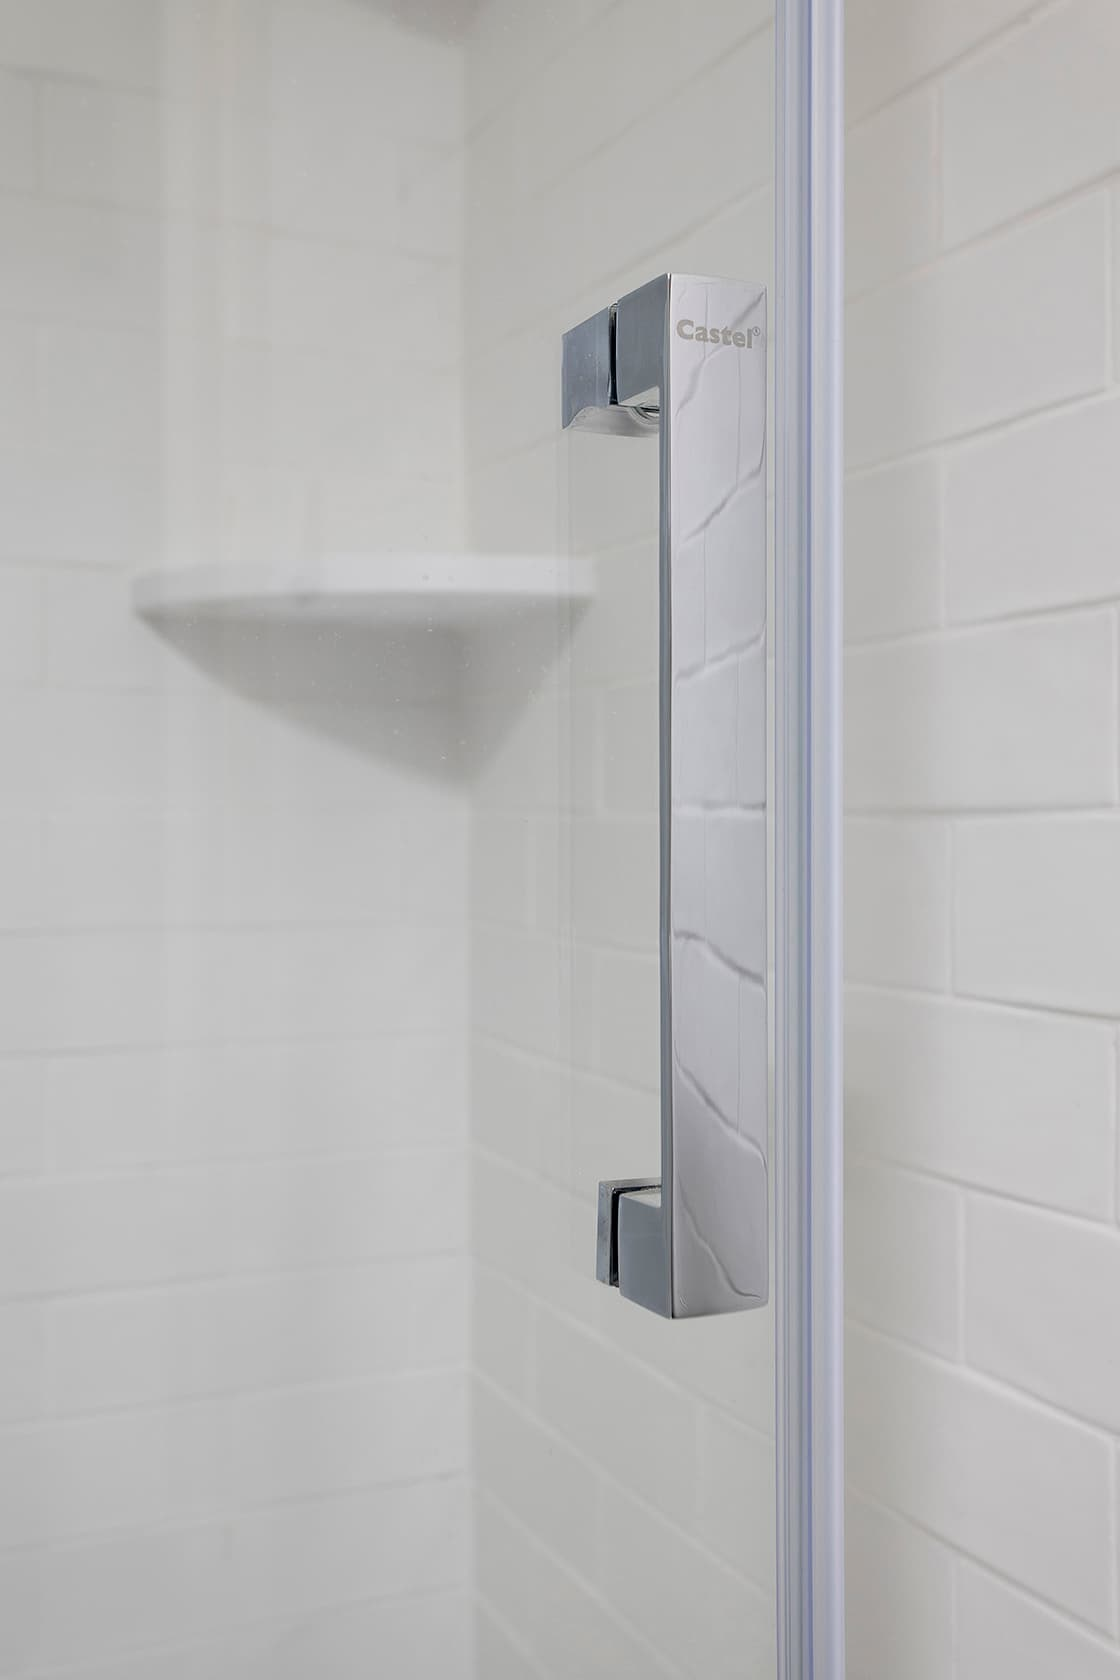 agarrador dentro de ducha